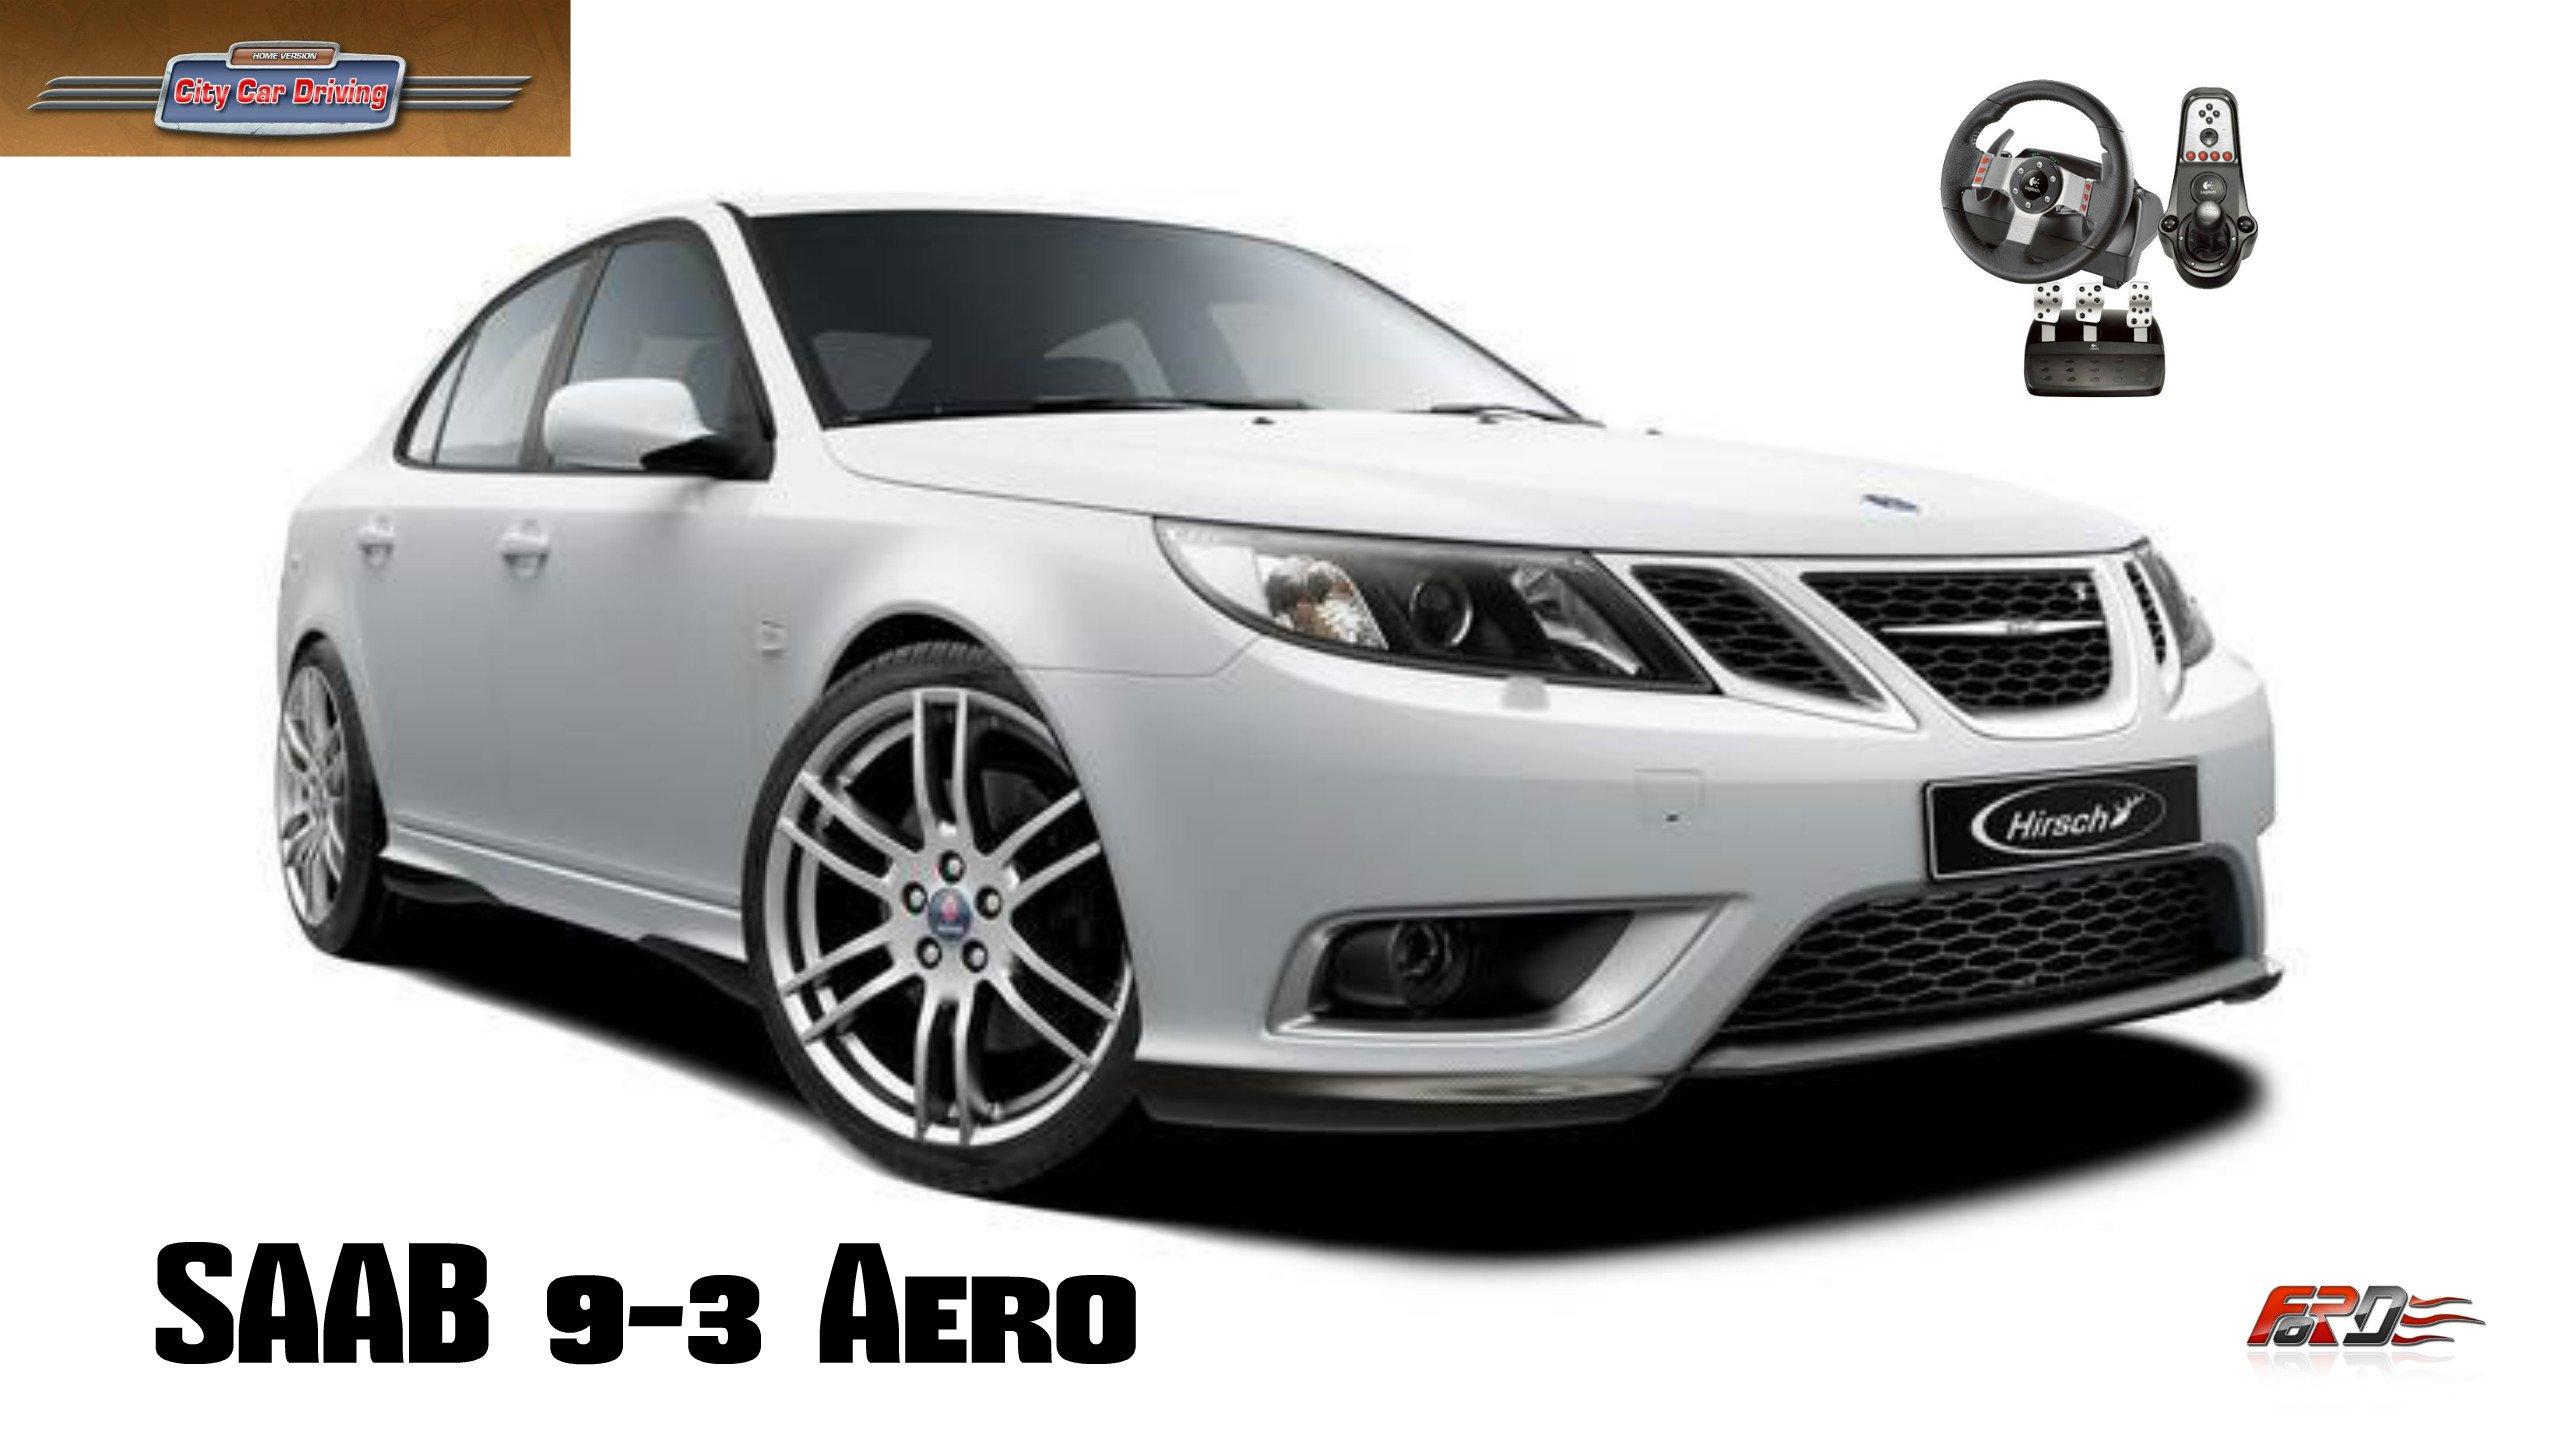 Saab 9-3 Aero тест-драйв, обзор скандинавского автомобиля в City Car Driving  - Изображение 1